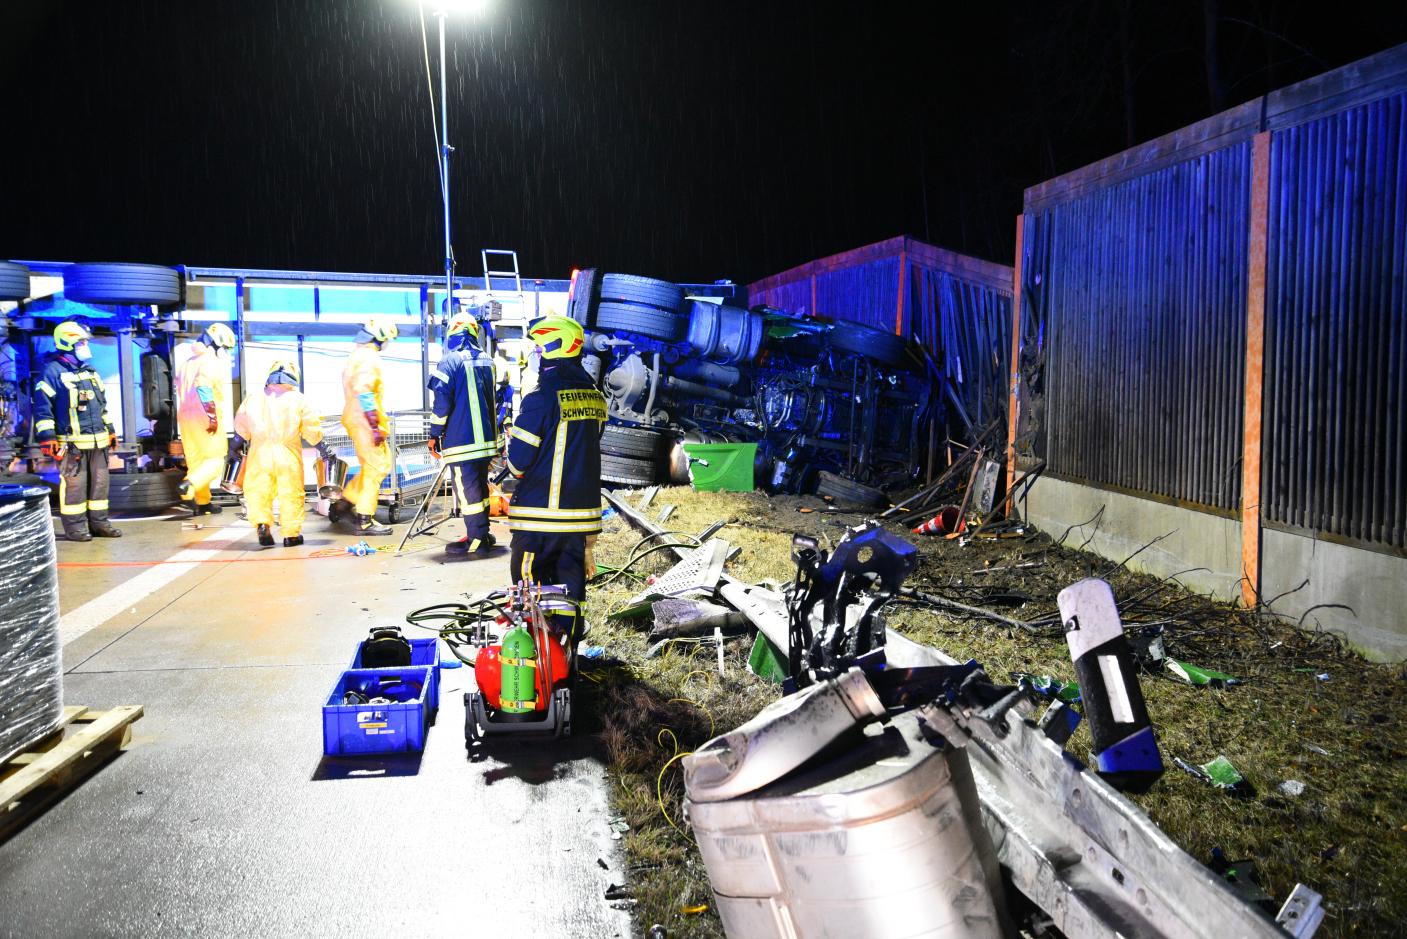 Hockenheim, A6: Sattelzug kollidiert mit Sperrwand und stürzt um - Richtungsfahrbahn Heilbronn blockiert